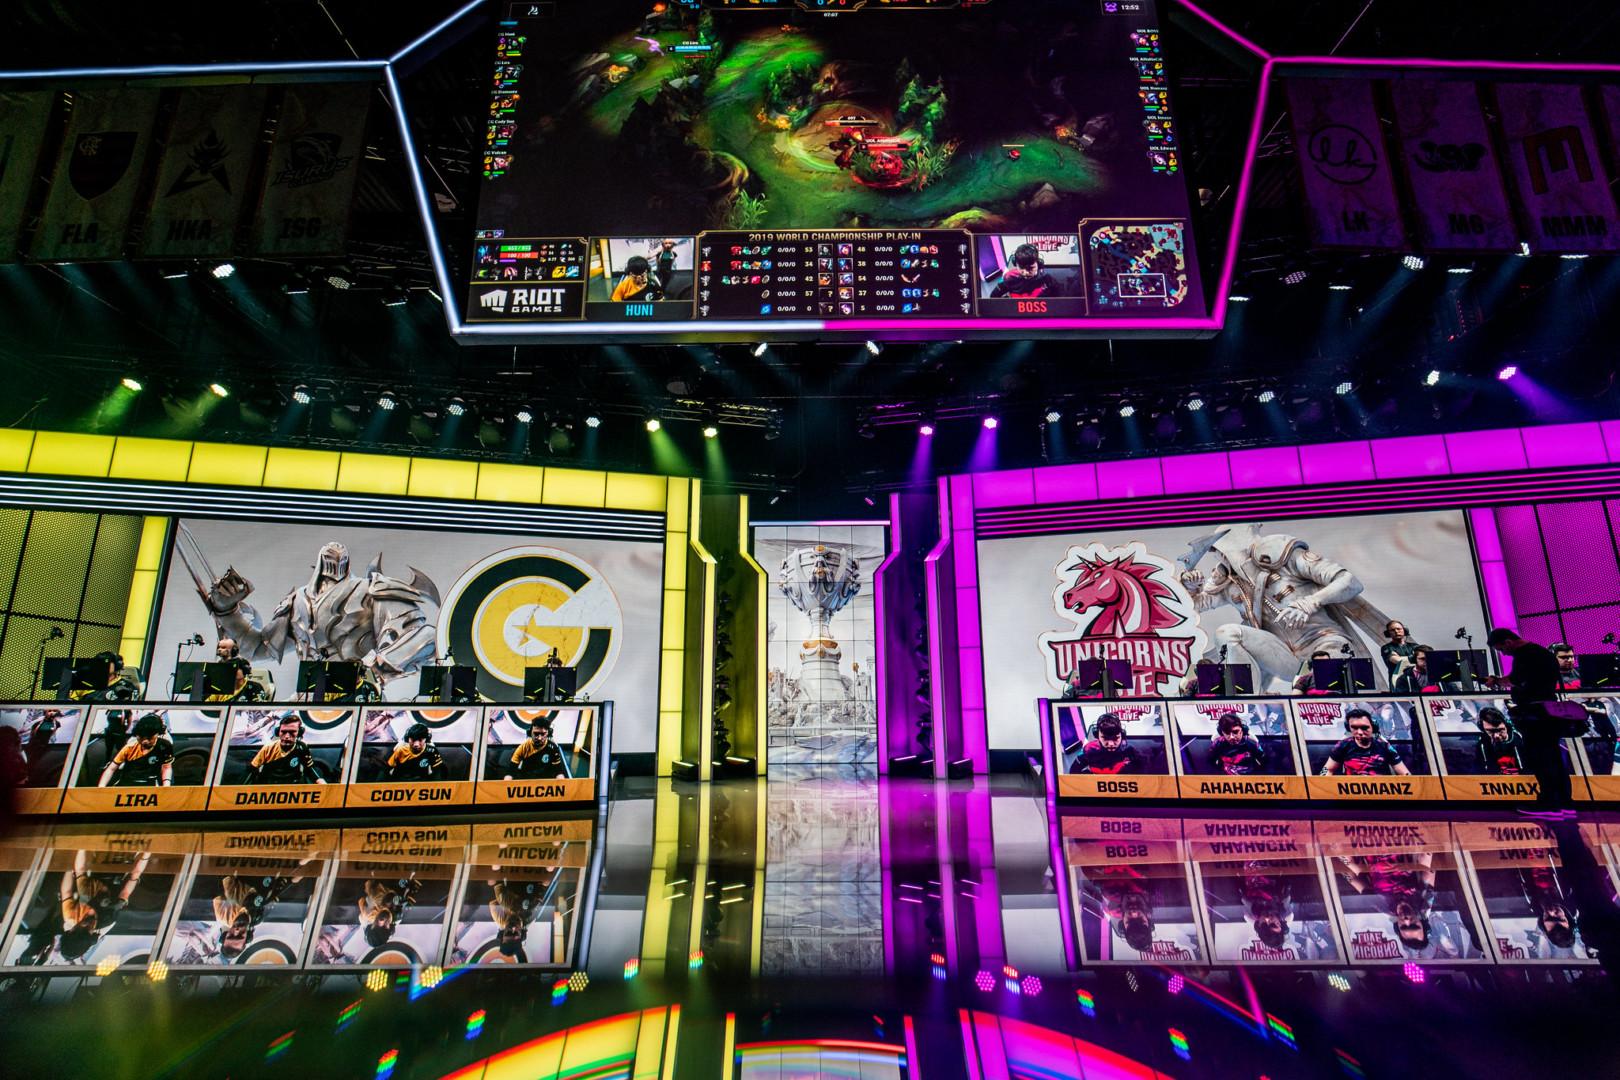 [FINAL] Isurus Gaming, el bicampeón latinoamericano de LoL, debutó en Worlds 2019